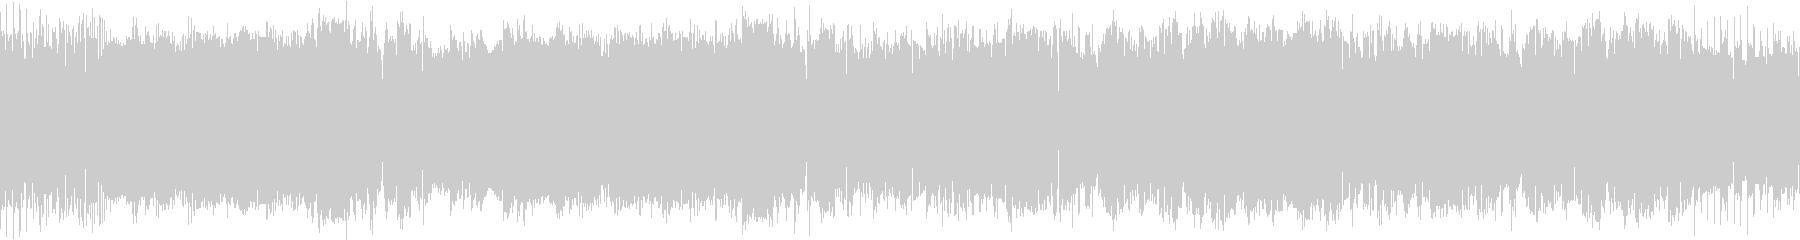 ファミコン音色のゲーム音楽の未再生の波形